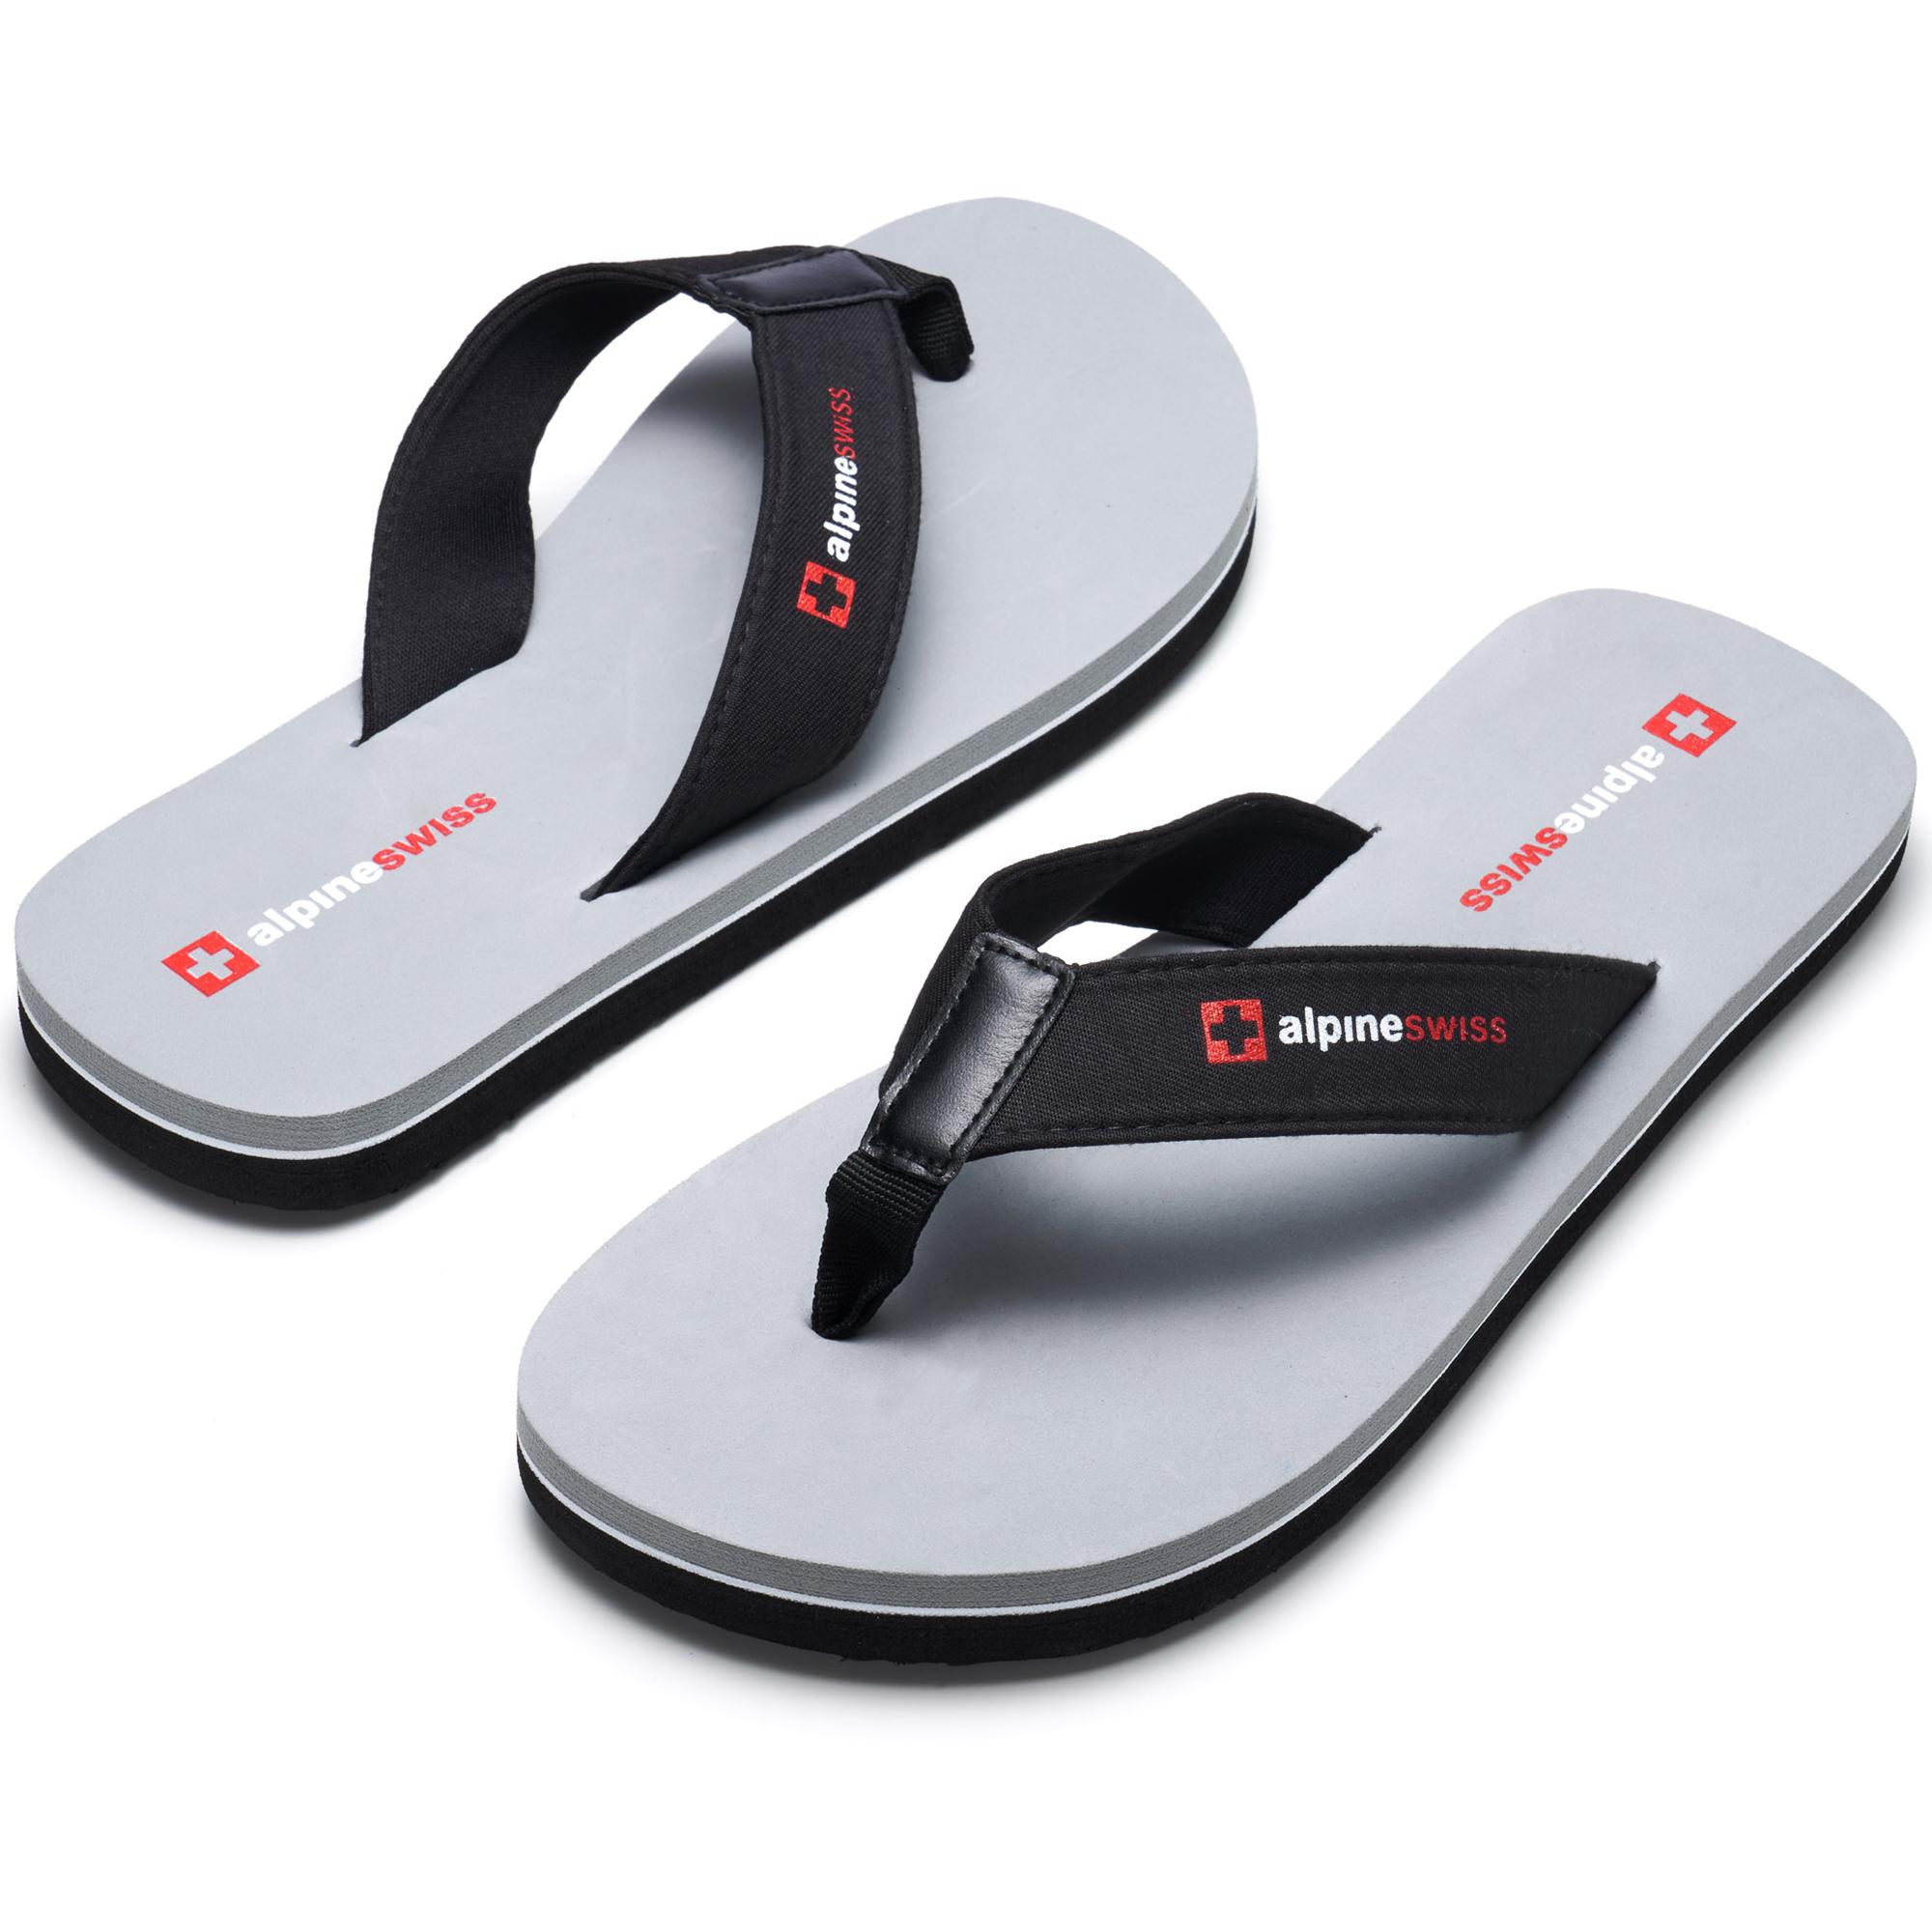 thumbnail 26 - Alpine Swiss Mens Flip Flops Beach Sandals Lightweight EVA Sole Comfort Thongs